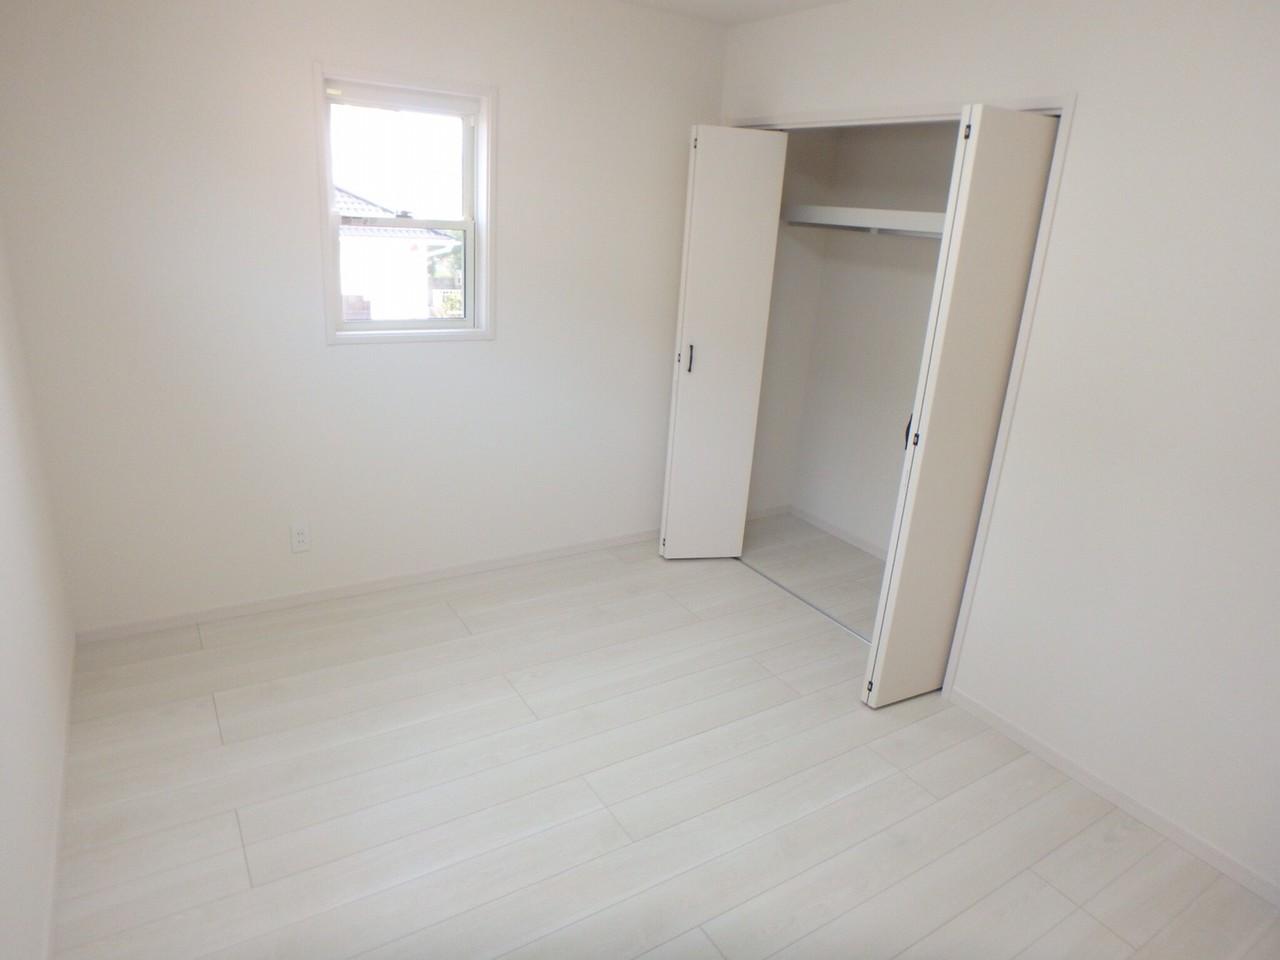 2階の洋室です。どの部屋にもたくさん入る収納があり、しっかり整理整頓出来ます。